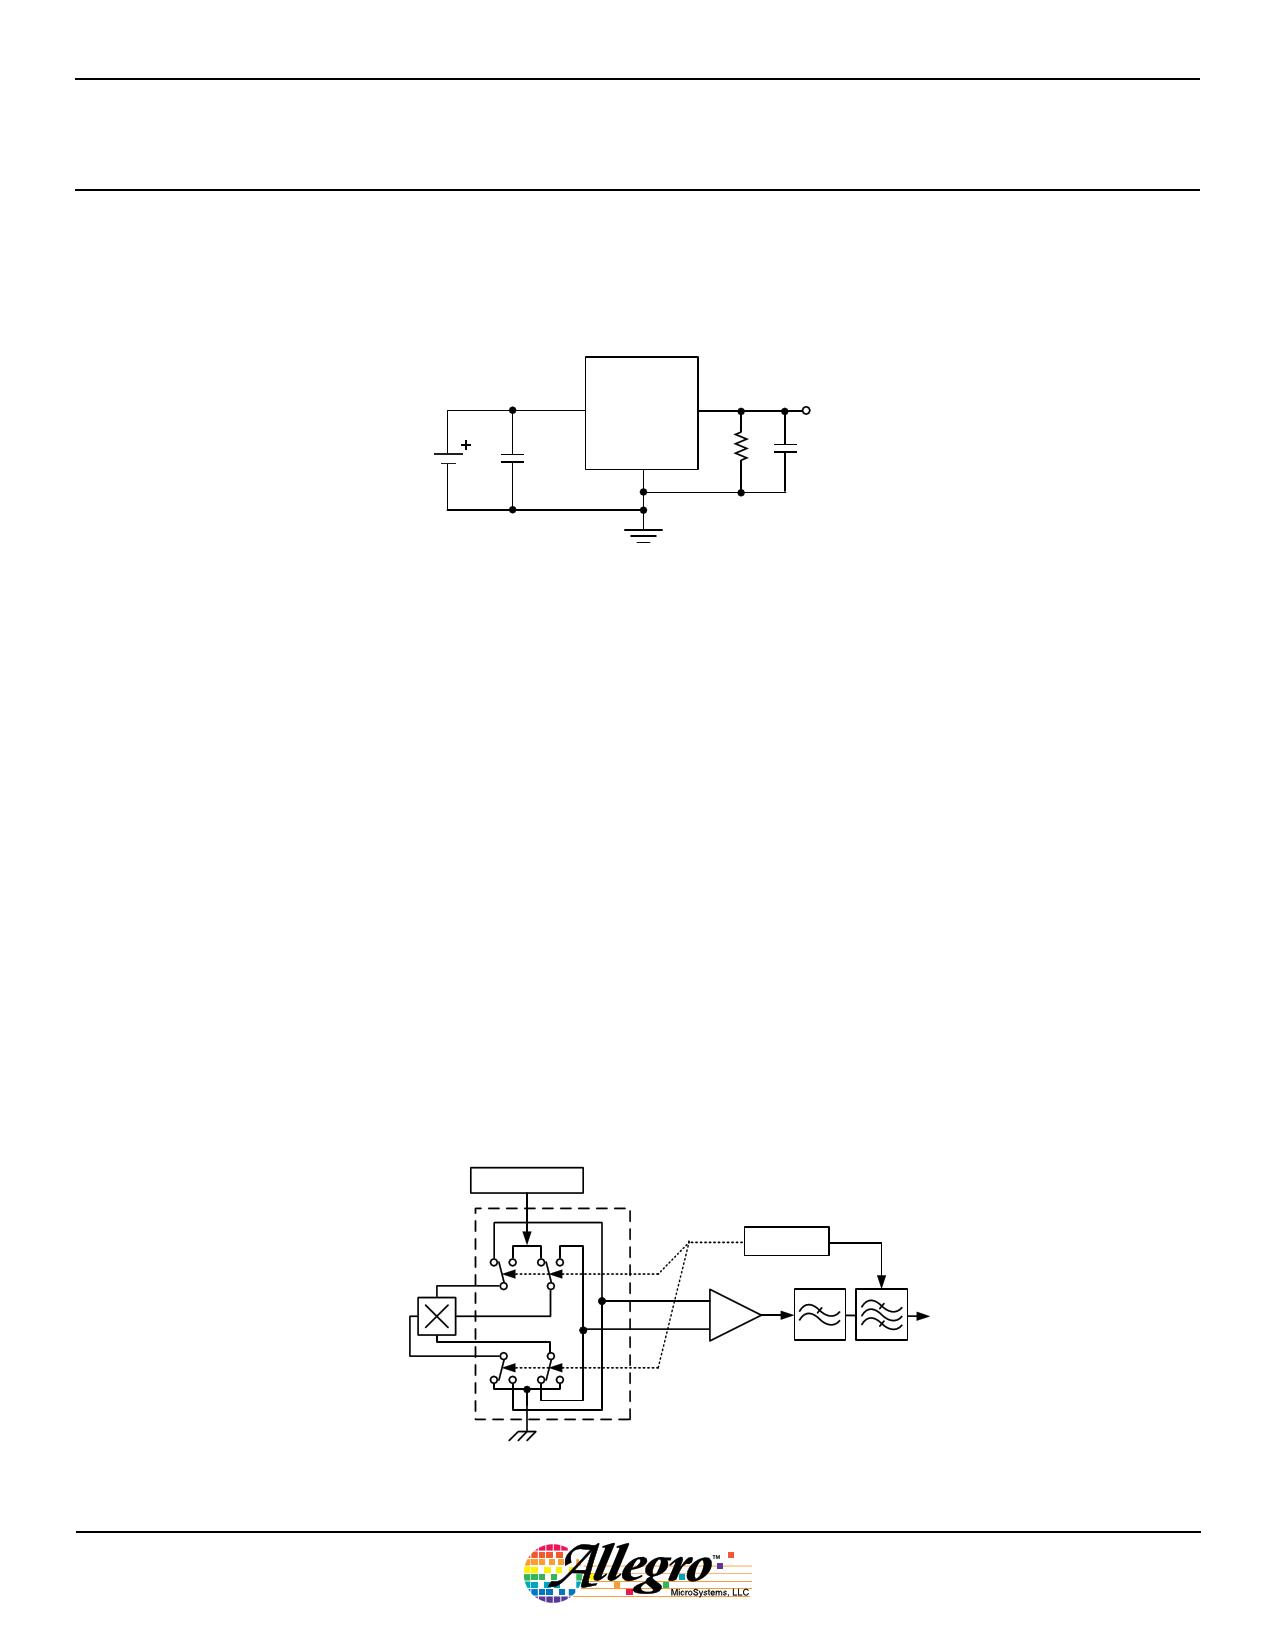 A1318 diode, scr